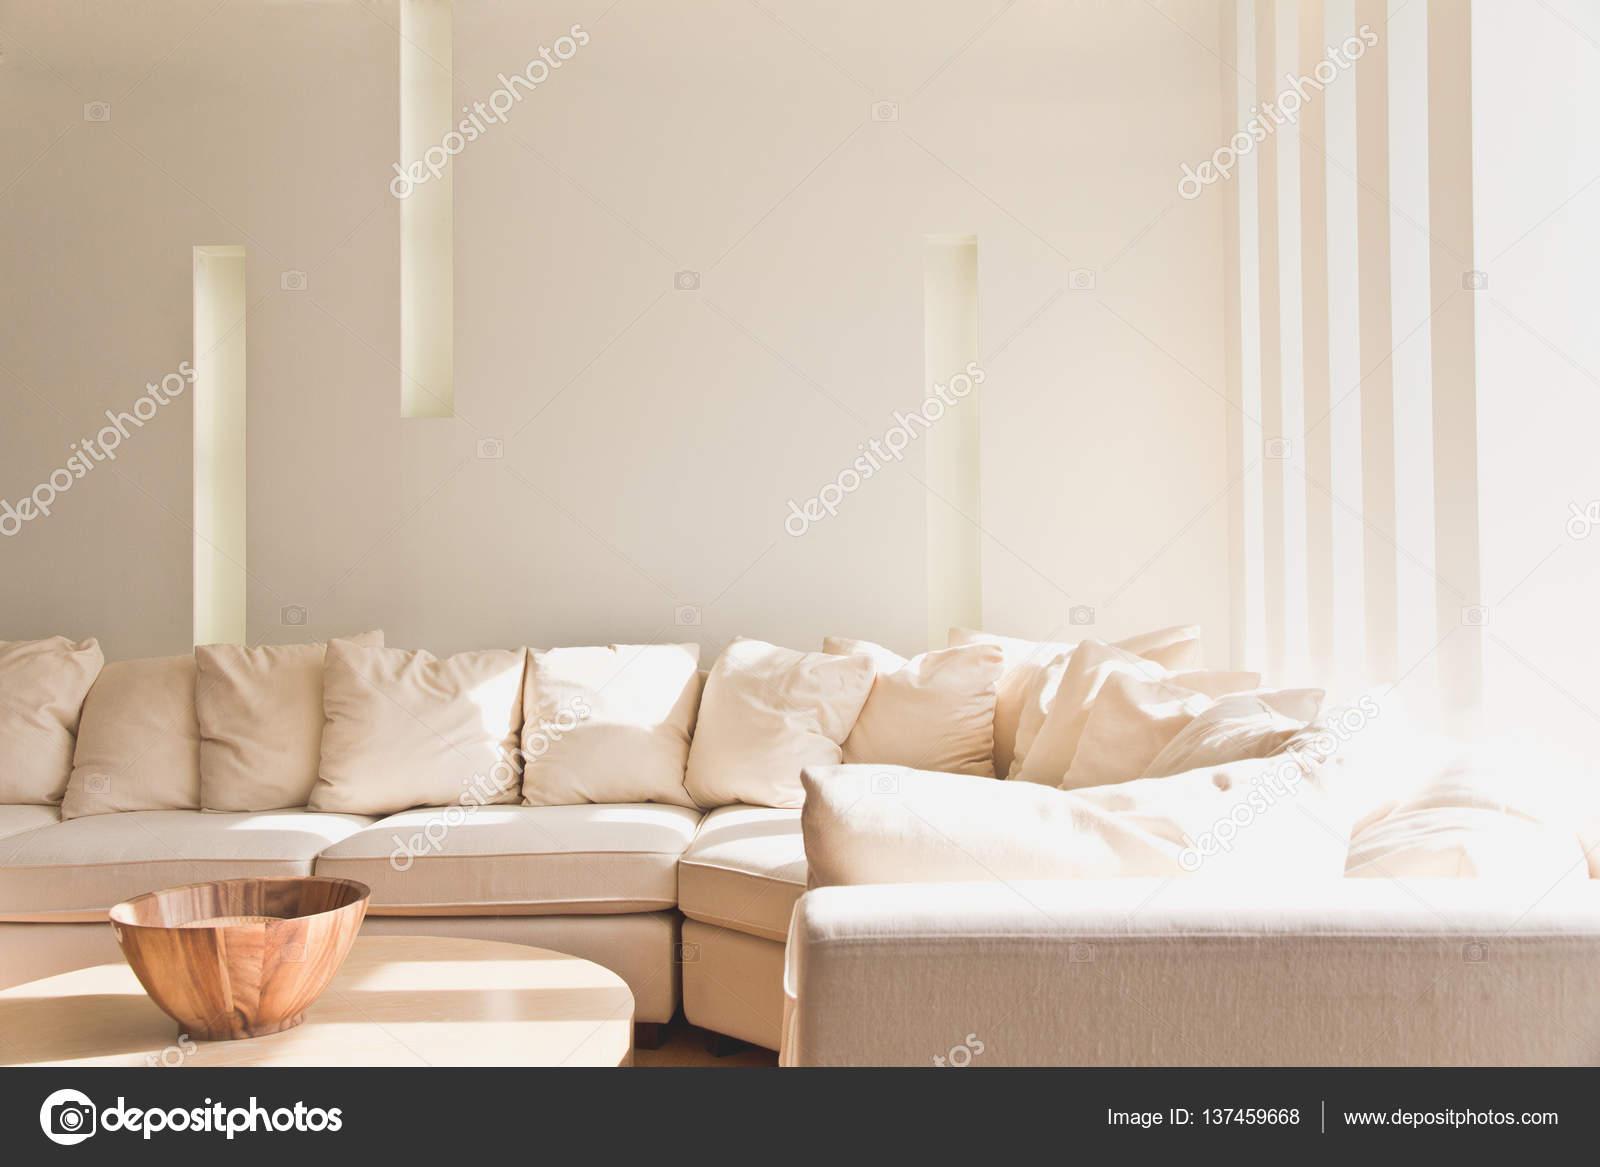 Wohnzimmer-Hintergrund — Stockfoto © ponsulak #137459668